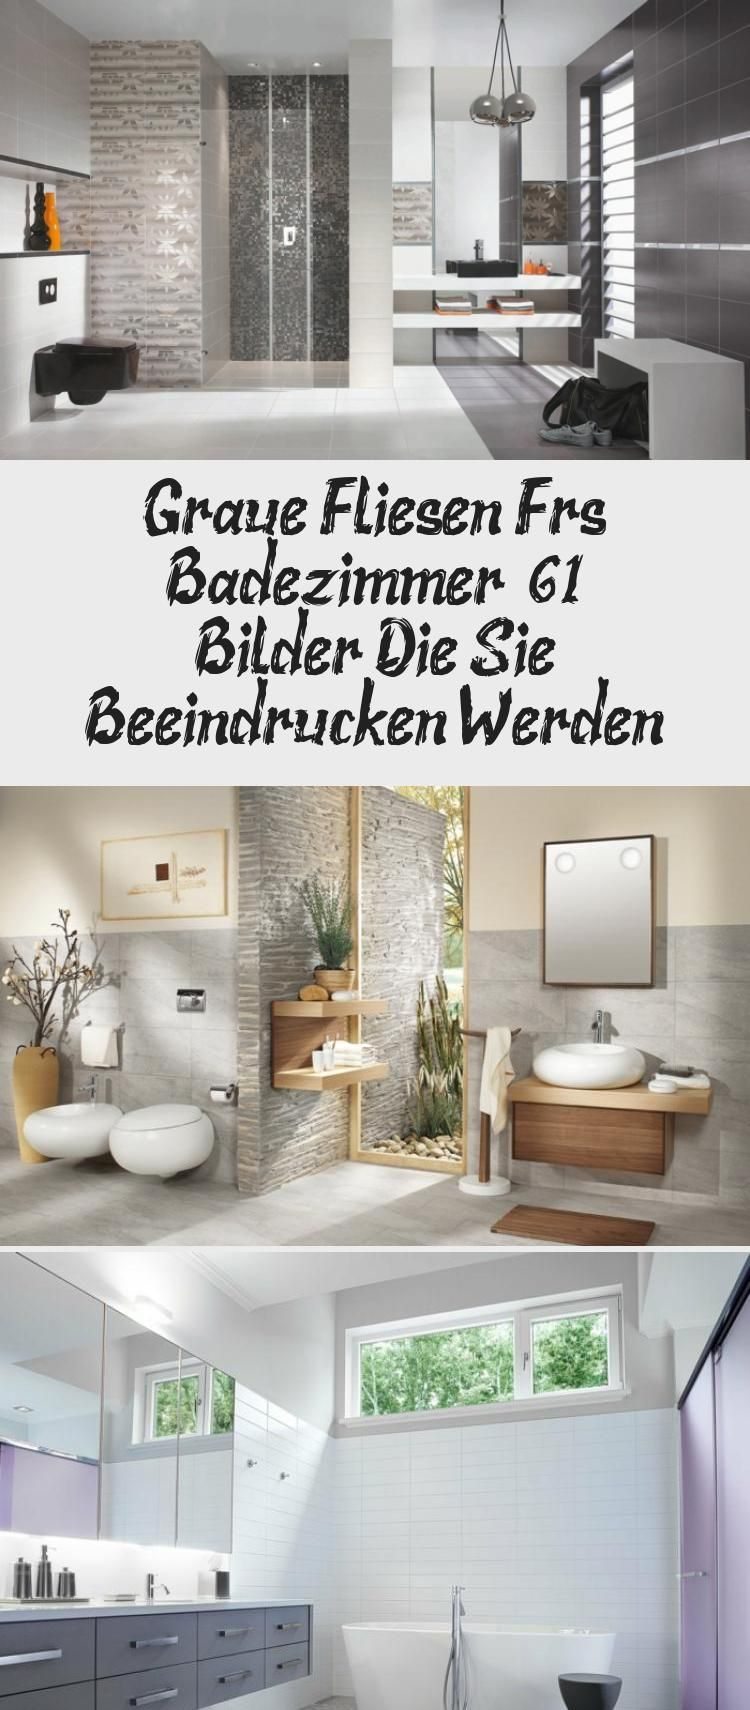 Graue Fliesen Furs Badezimmer 8211 61 Bilder Die Sie Beeindrucken Werden Graue Fliesen Zimmer Fliesen